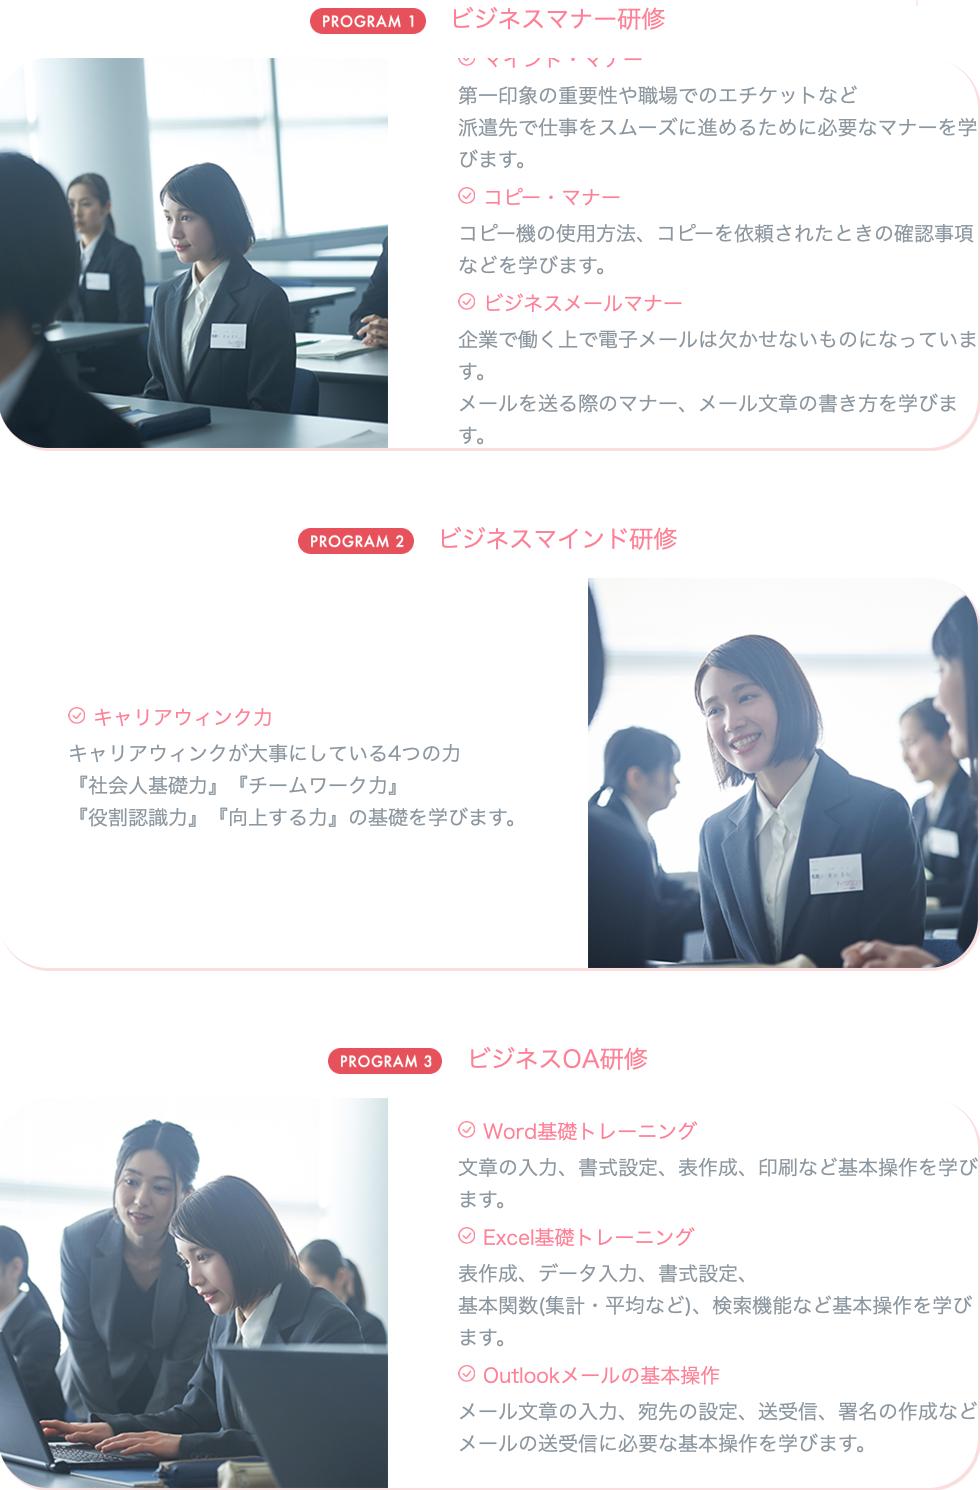 キャリアウィンク 入社前研修